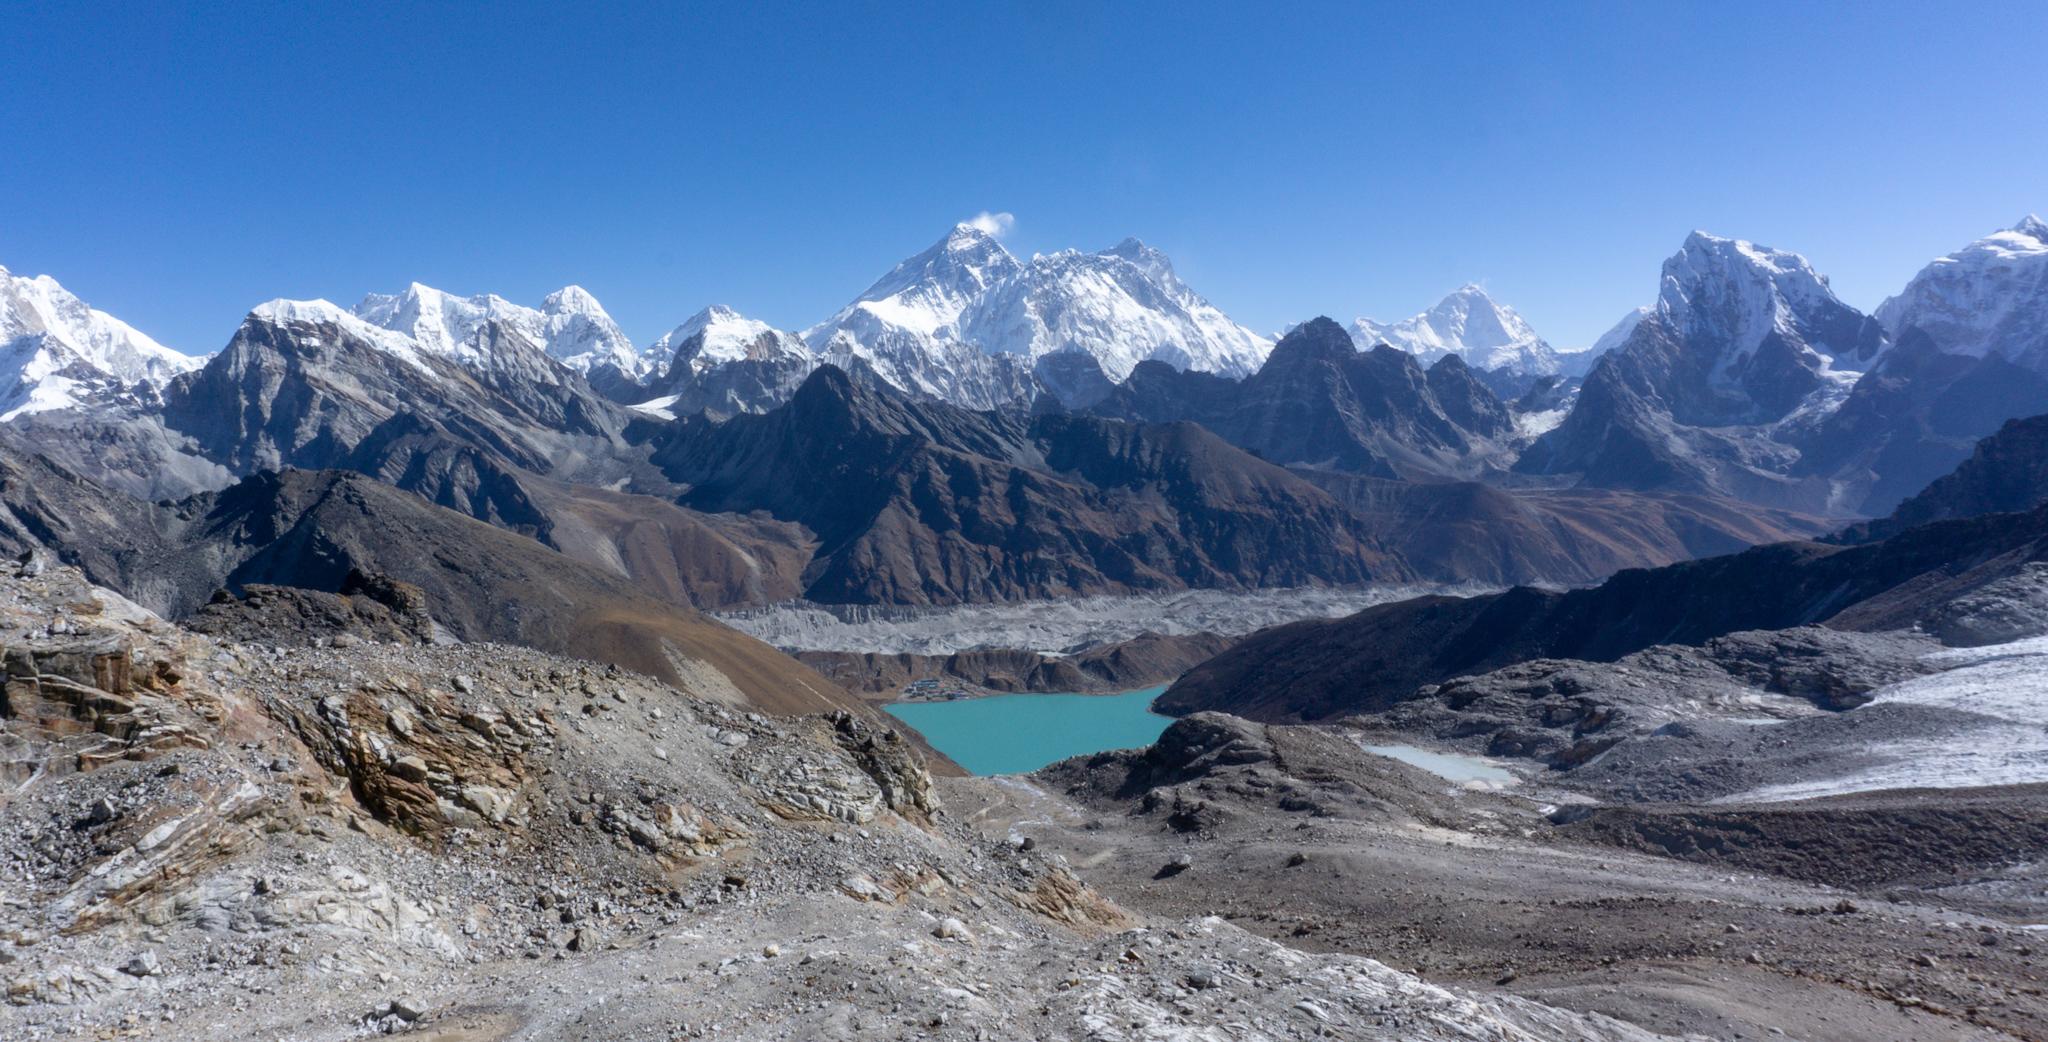 Renjo La Pass mit Mount Everest im Hintergrund